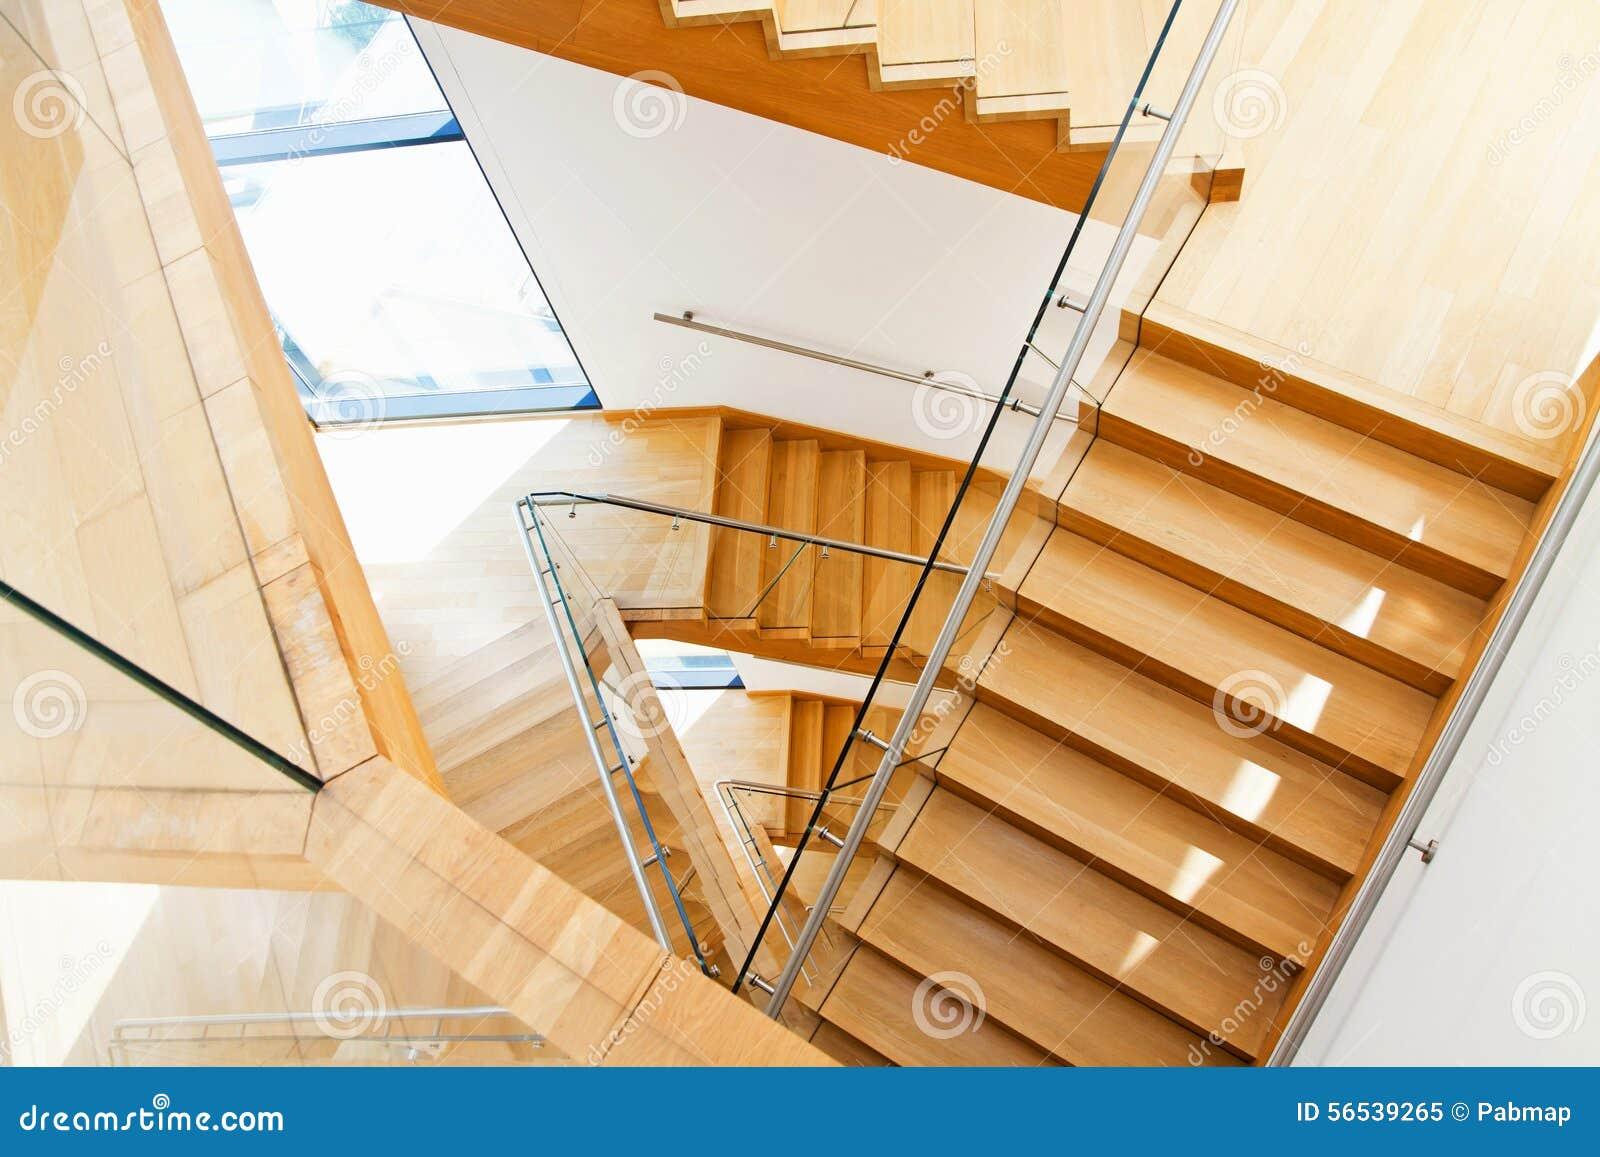 interior moderno de la con las escaleras de madera foto de archivo libre de regalas